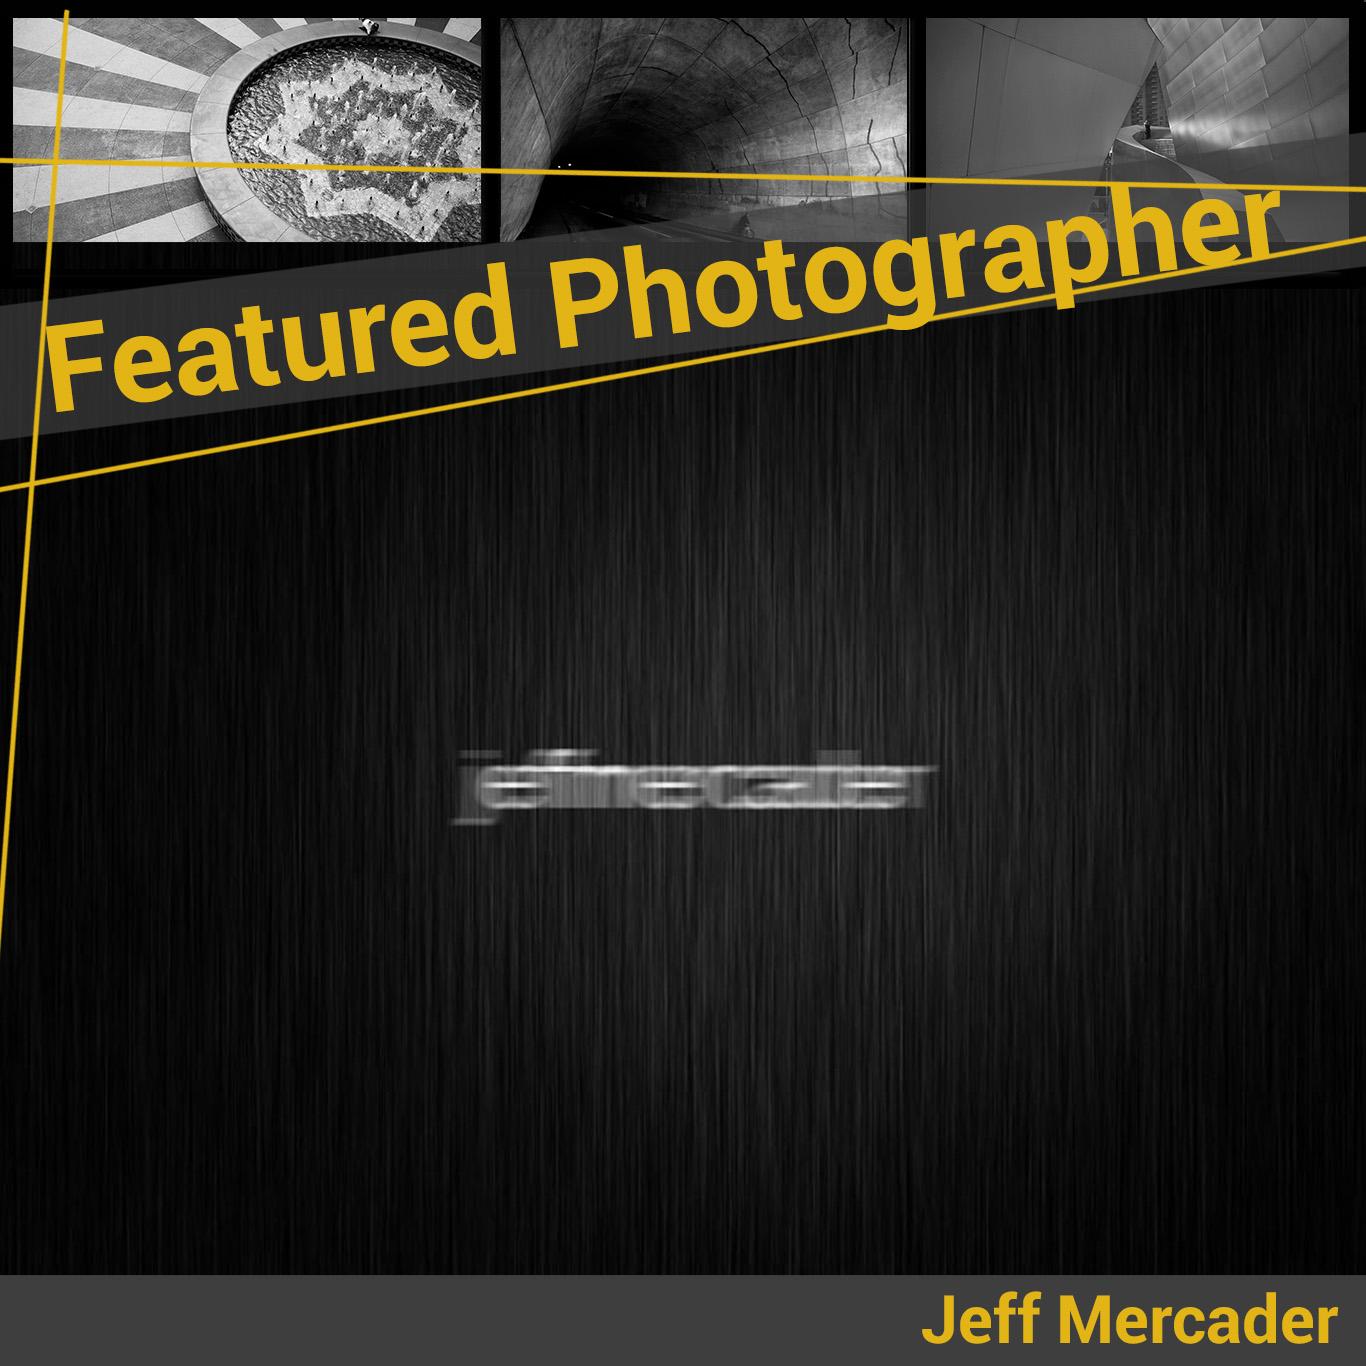 Templatet Featured PhotographerJM